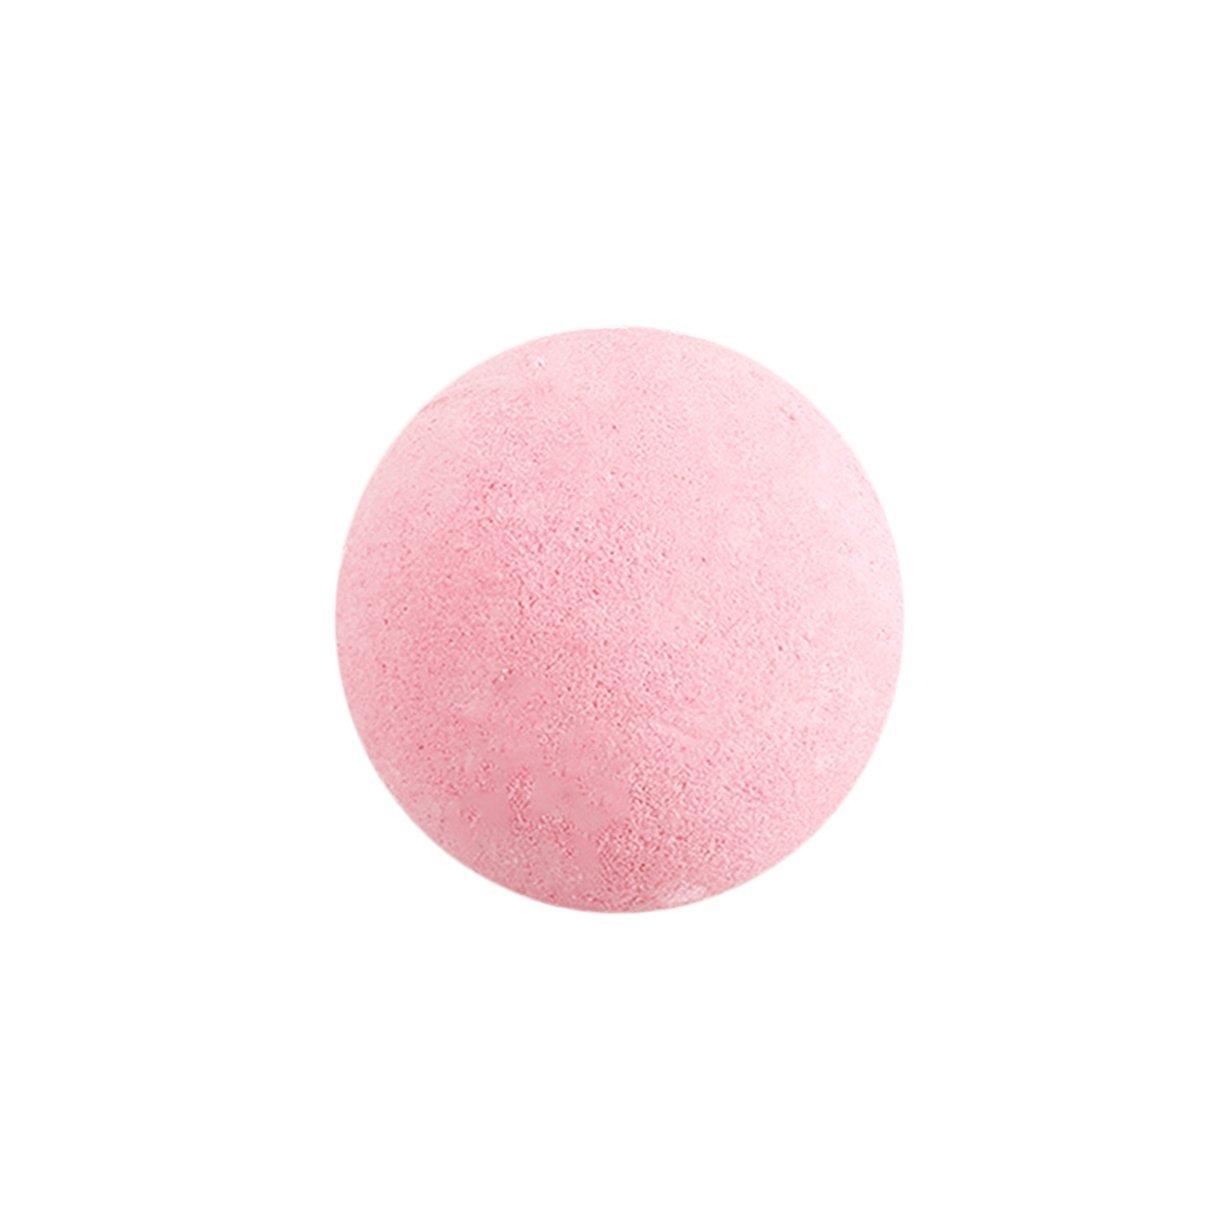 40g Multicolore Bain Boule Petite Taille Accueil Hôtel Salle De Bains SPA Corps Cleaner Bubble Fizzer Bombe De Bombe D'anniversaire Cadeau Pour Petite Amie Detectoy